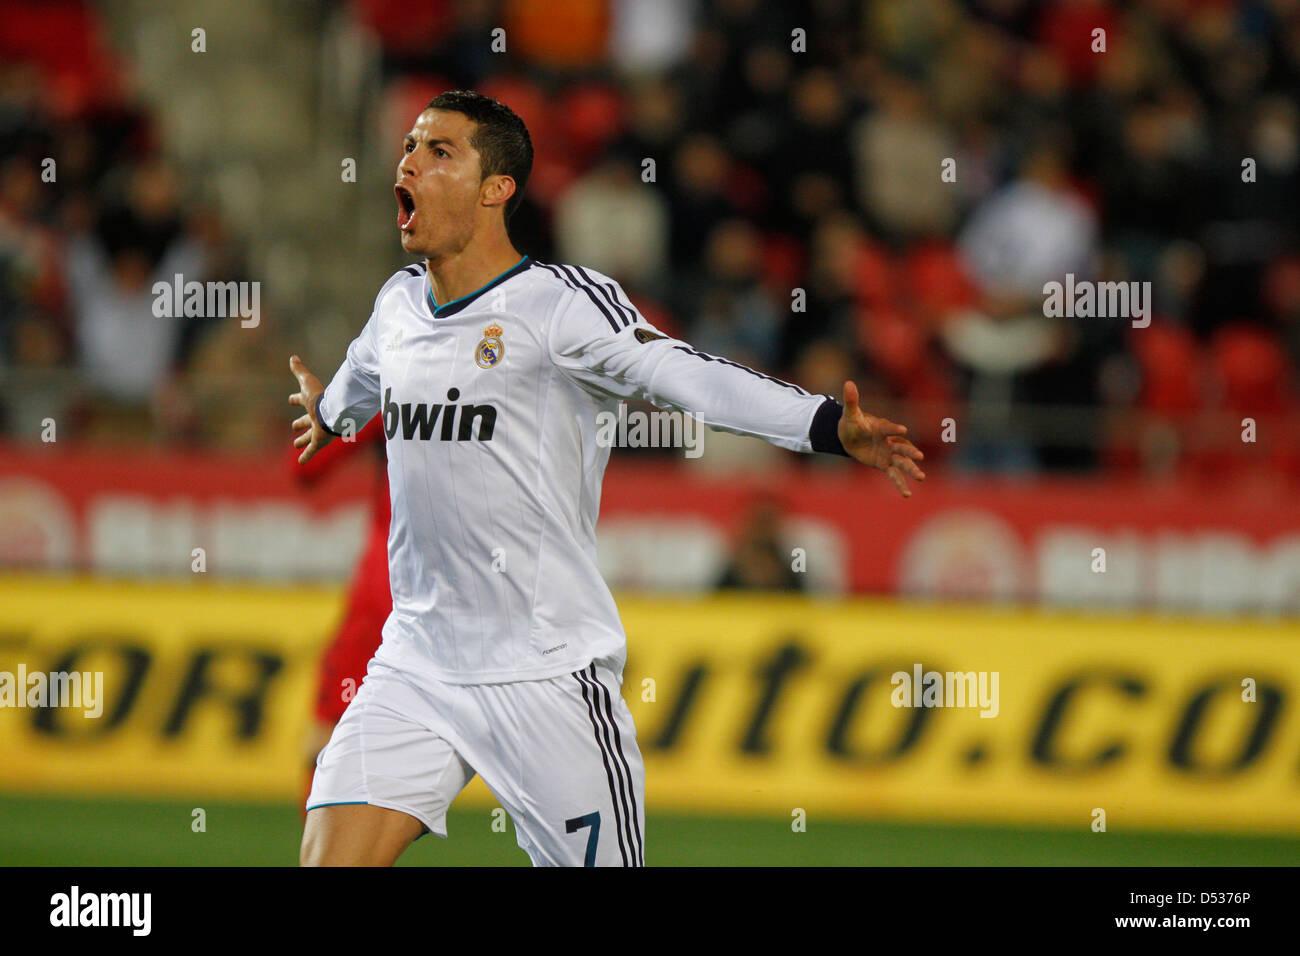 Jugador de fútbol del Real Madrid Cristiano Ronaldo celebra tras marcar un gol Imagen De Stock